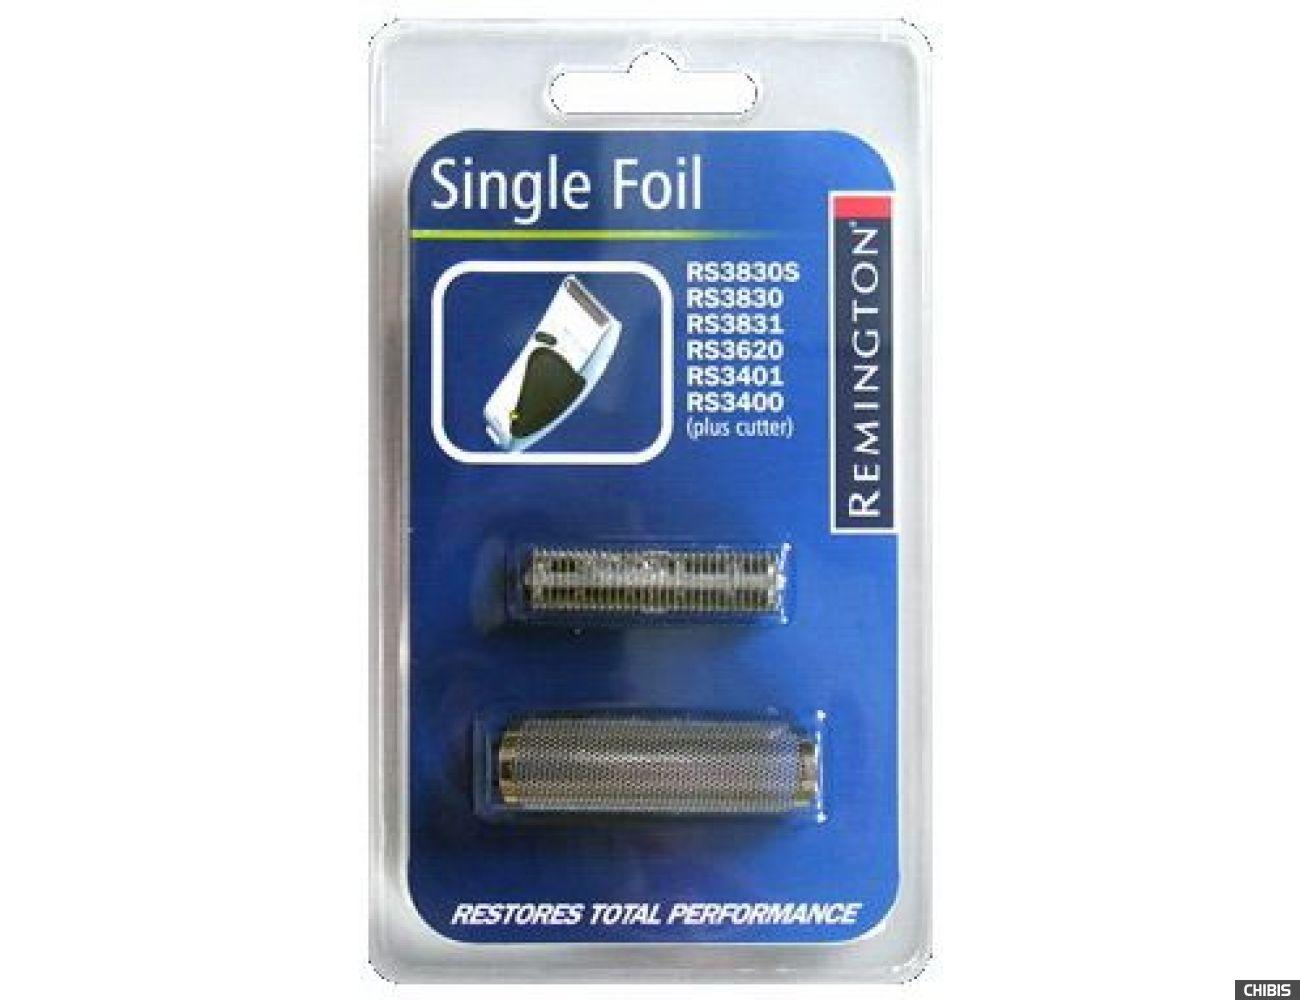 Сетка и режущий блок Remington SP72 Single Foil (44025530400) для RS3830S, RS3830, RS3831, RS3620